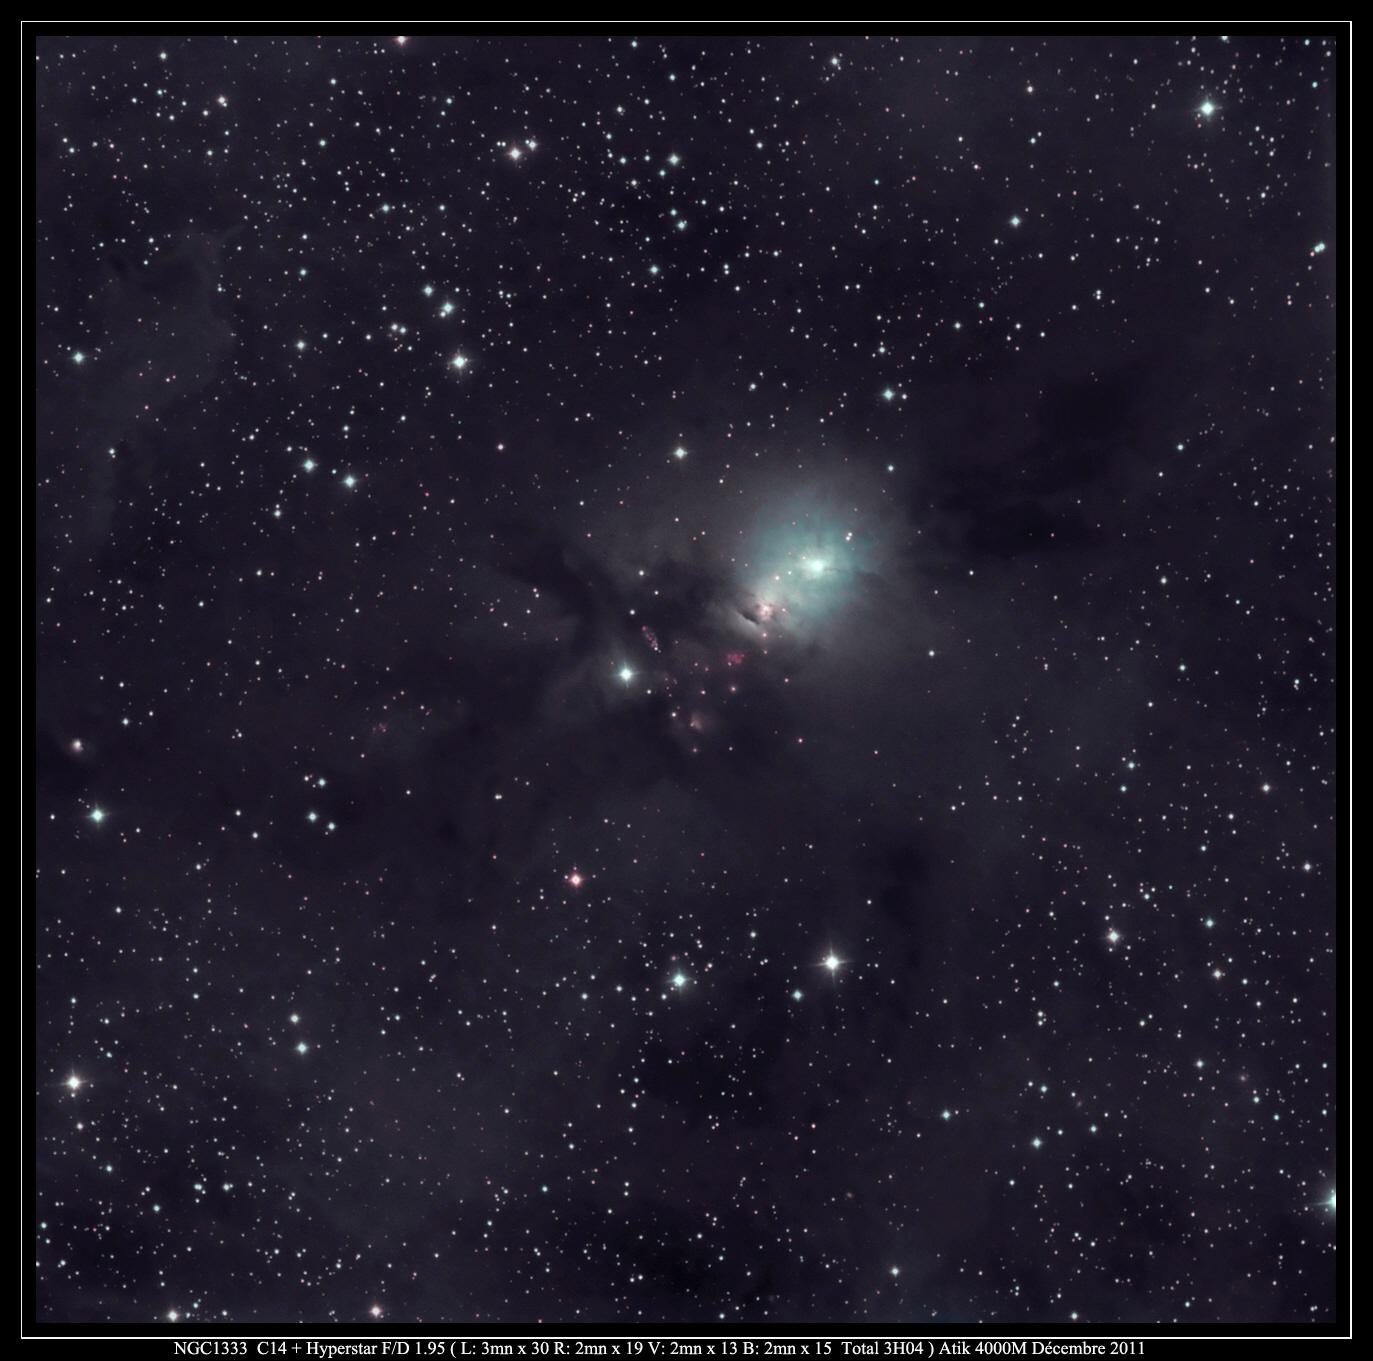 NGC 1333 Skywatching